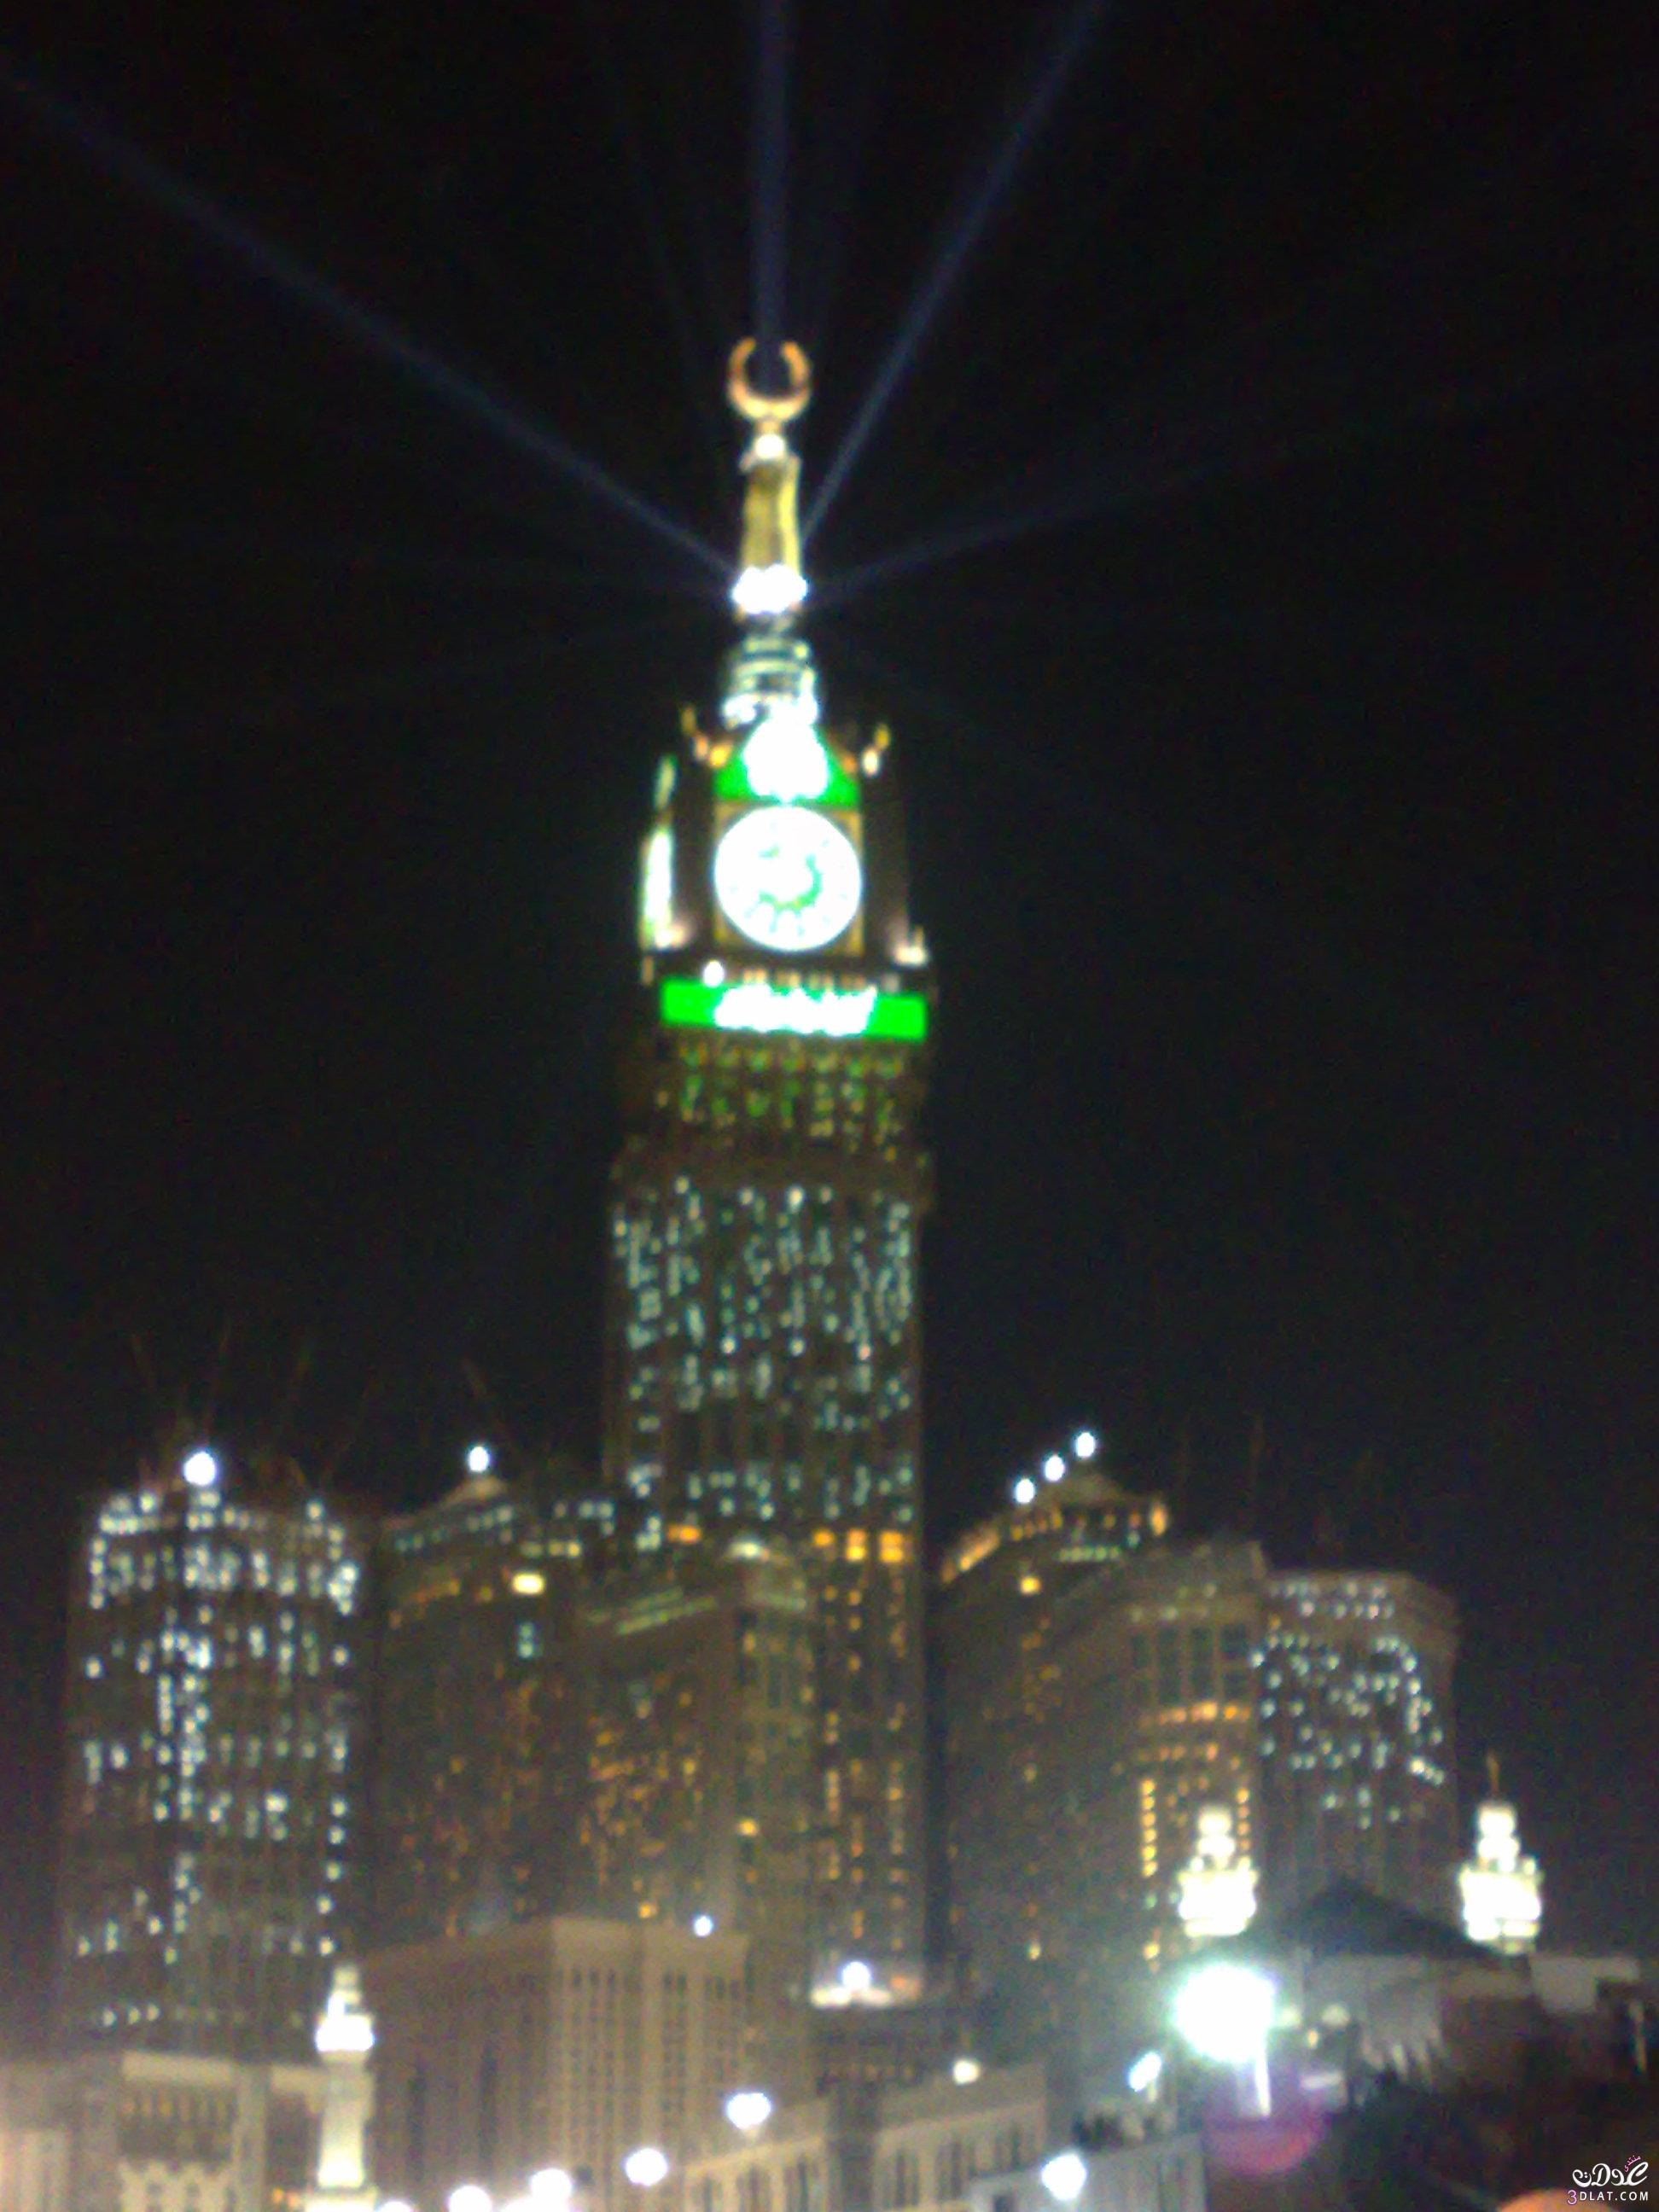 [بعدستي] صورللكعبة المشرفة بمكة المكرمة بالمسجد الحرام 3dlat.com_1390777170